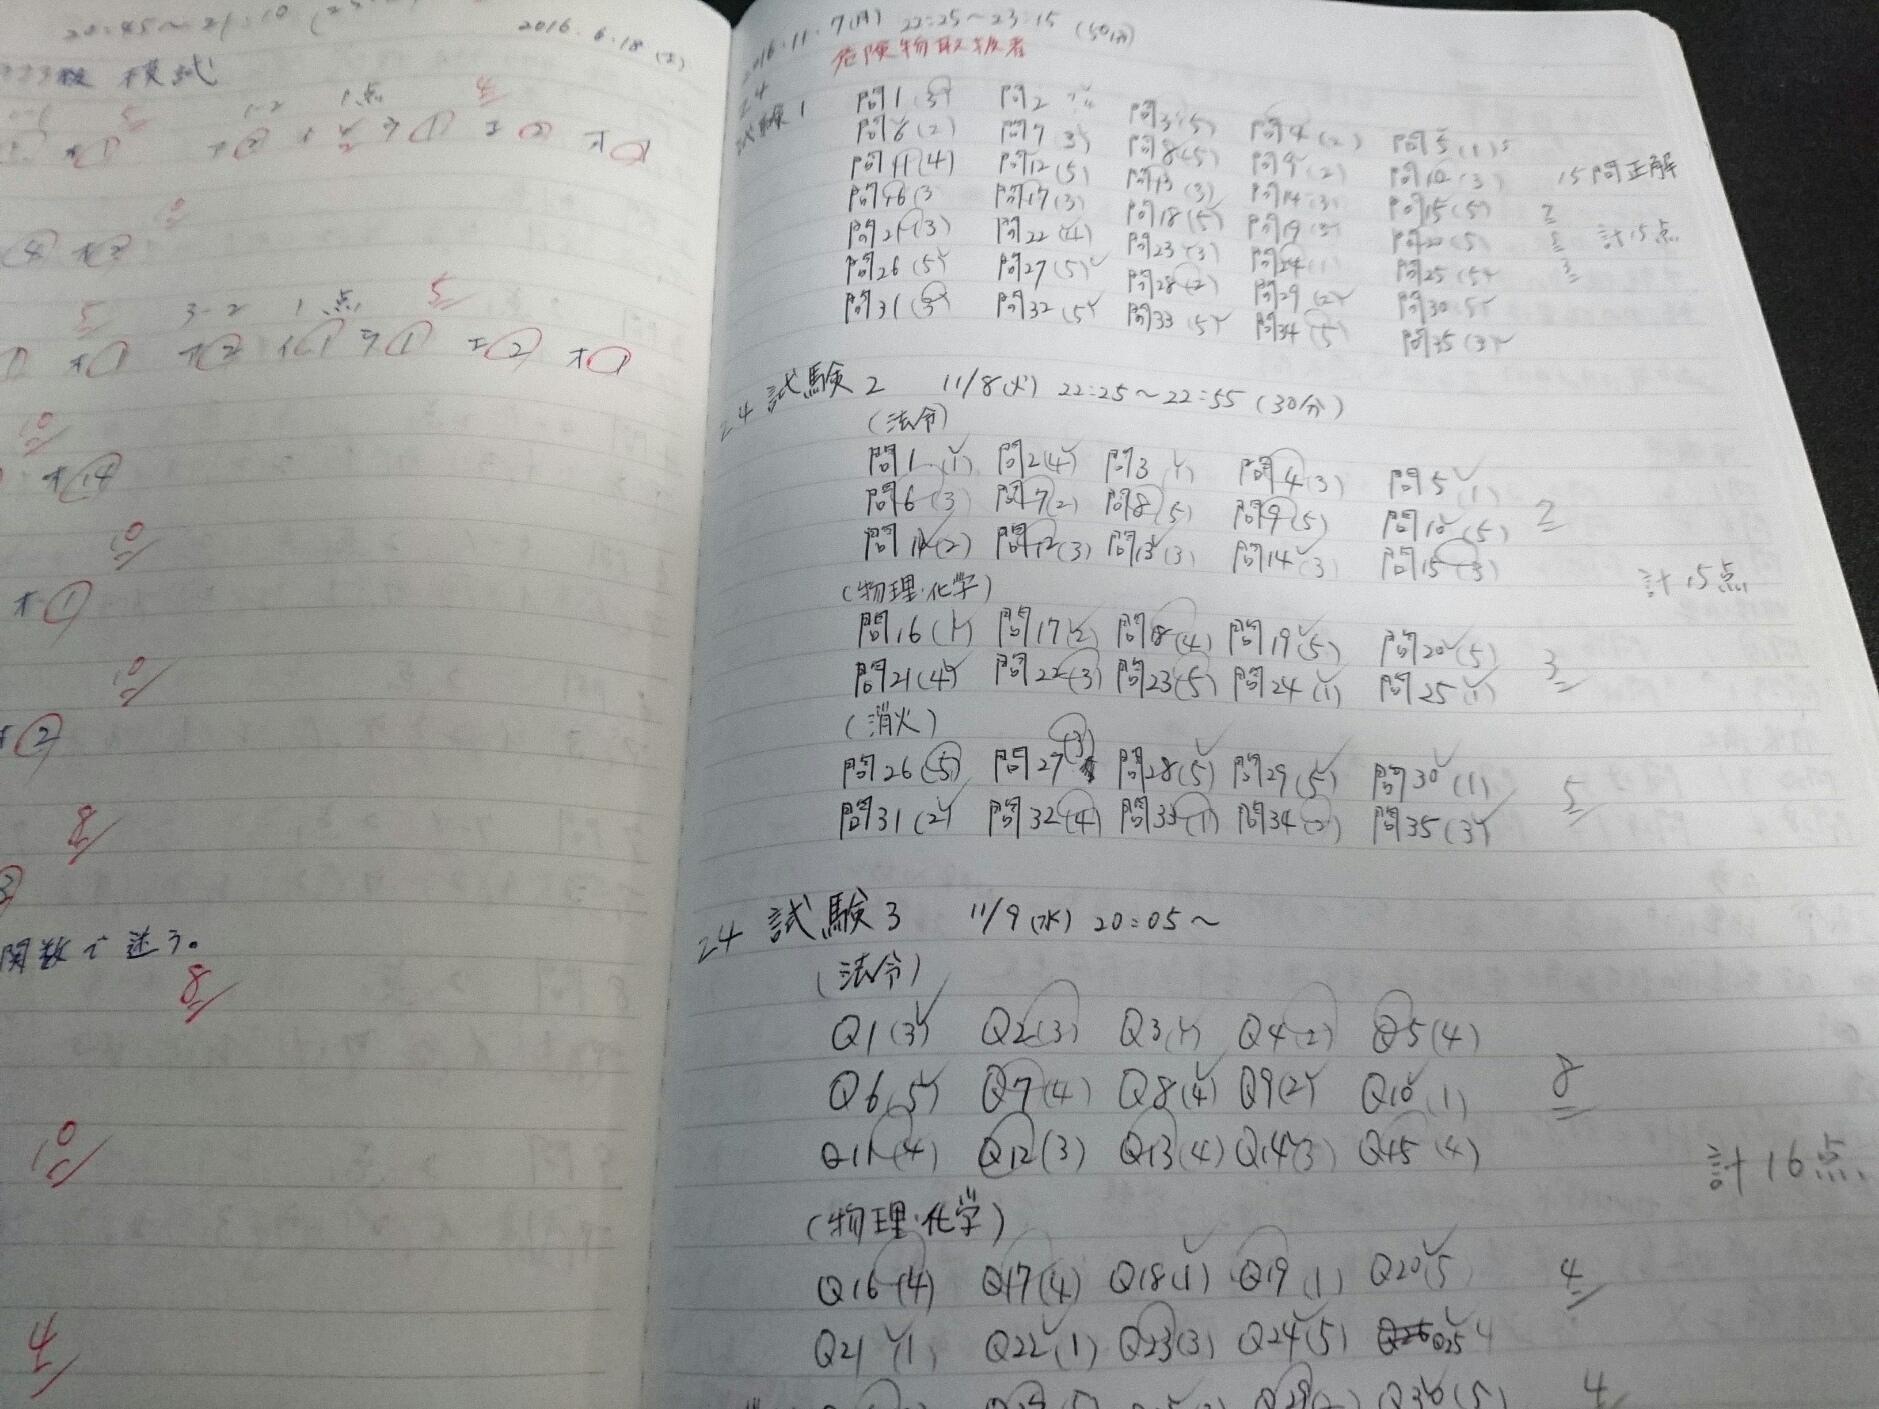 仕事が終わって帰宅してからも、平日はだいたい毎日2時間は乙4の勉強をしていましたね。